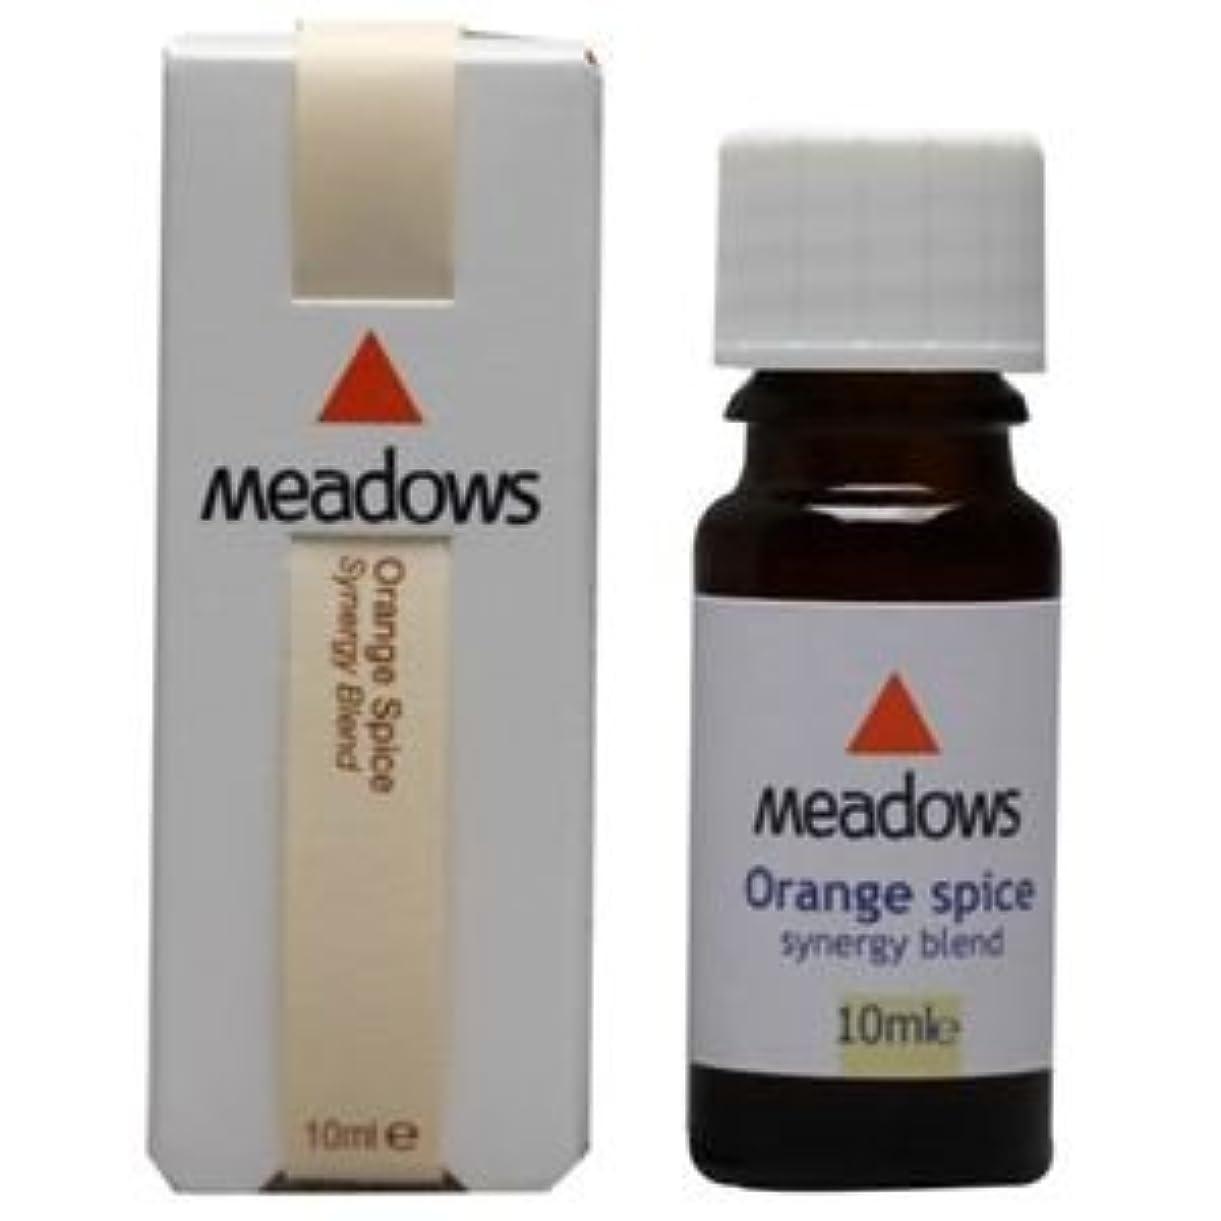 邪悪な連続的透けて見えるメドウズ オレンジスパイス 10ml アロマエッセンス